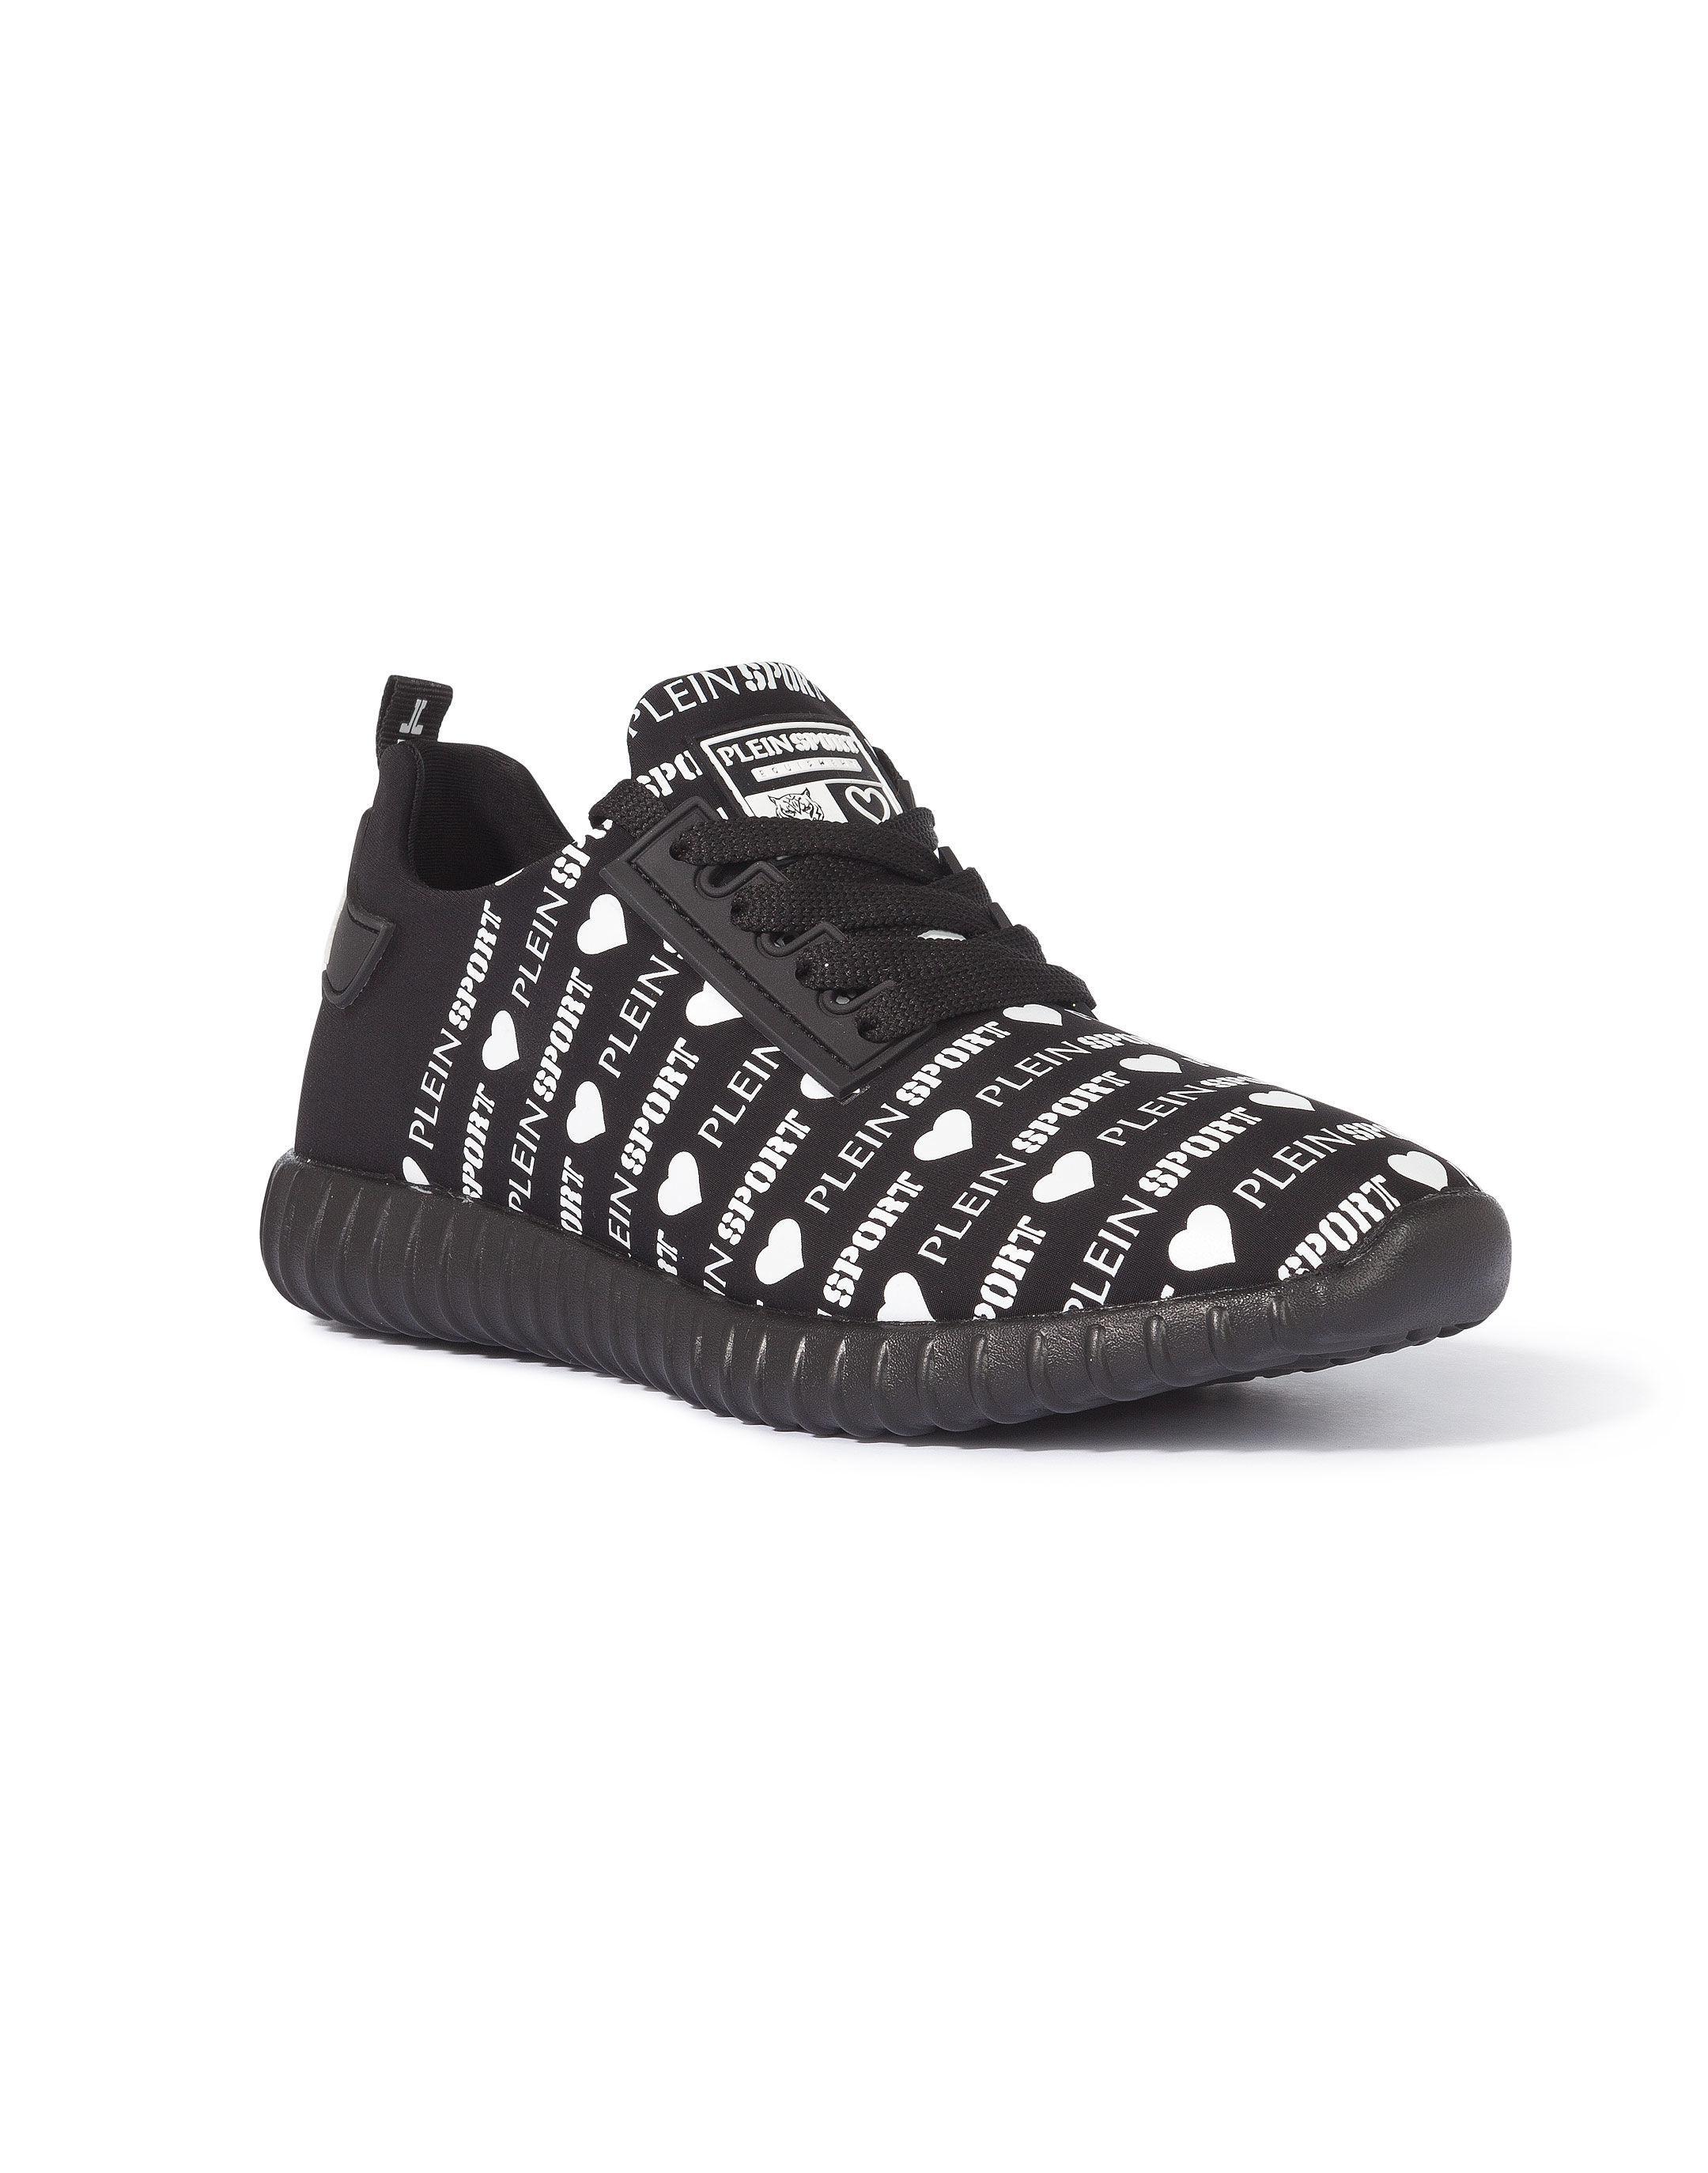 Coureur Sport Plein Cindy Bas-tops Et Chaussures De Sport IQBA5QC